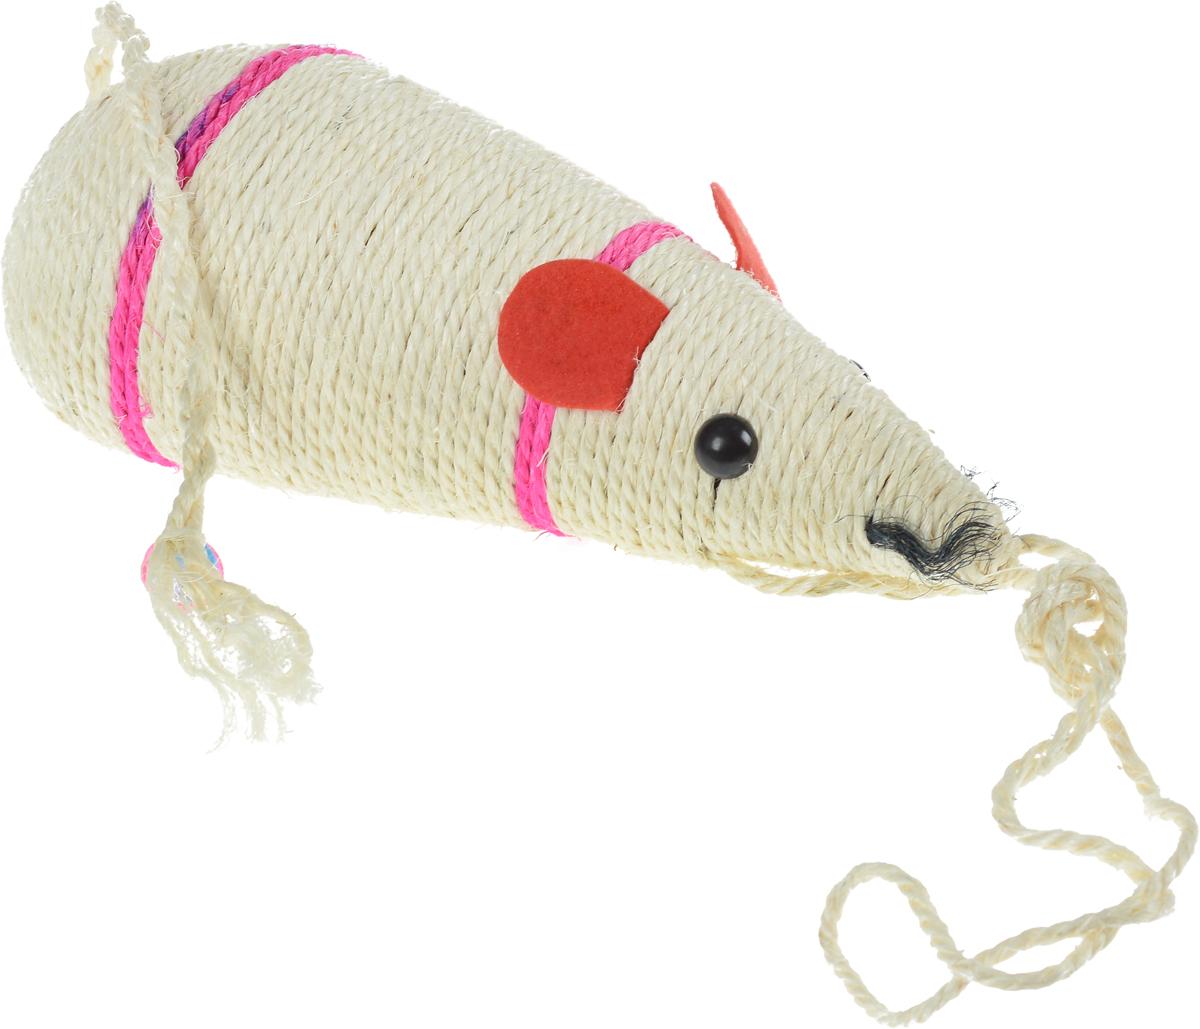 Когтеточка Triol  Мышь , цвет: слоновая кость, фуксия, красный, длина 30,5 см - Когтеточки и игровые комплексы